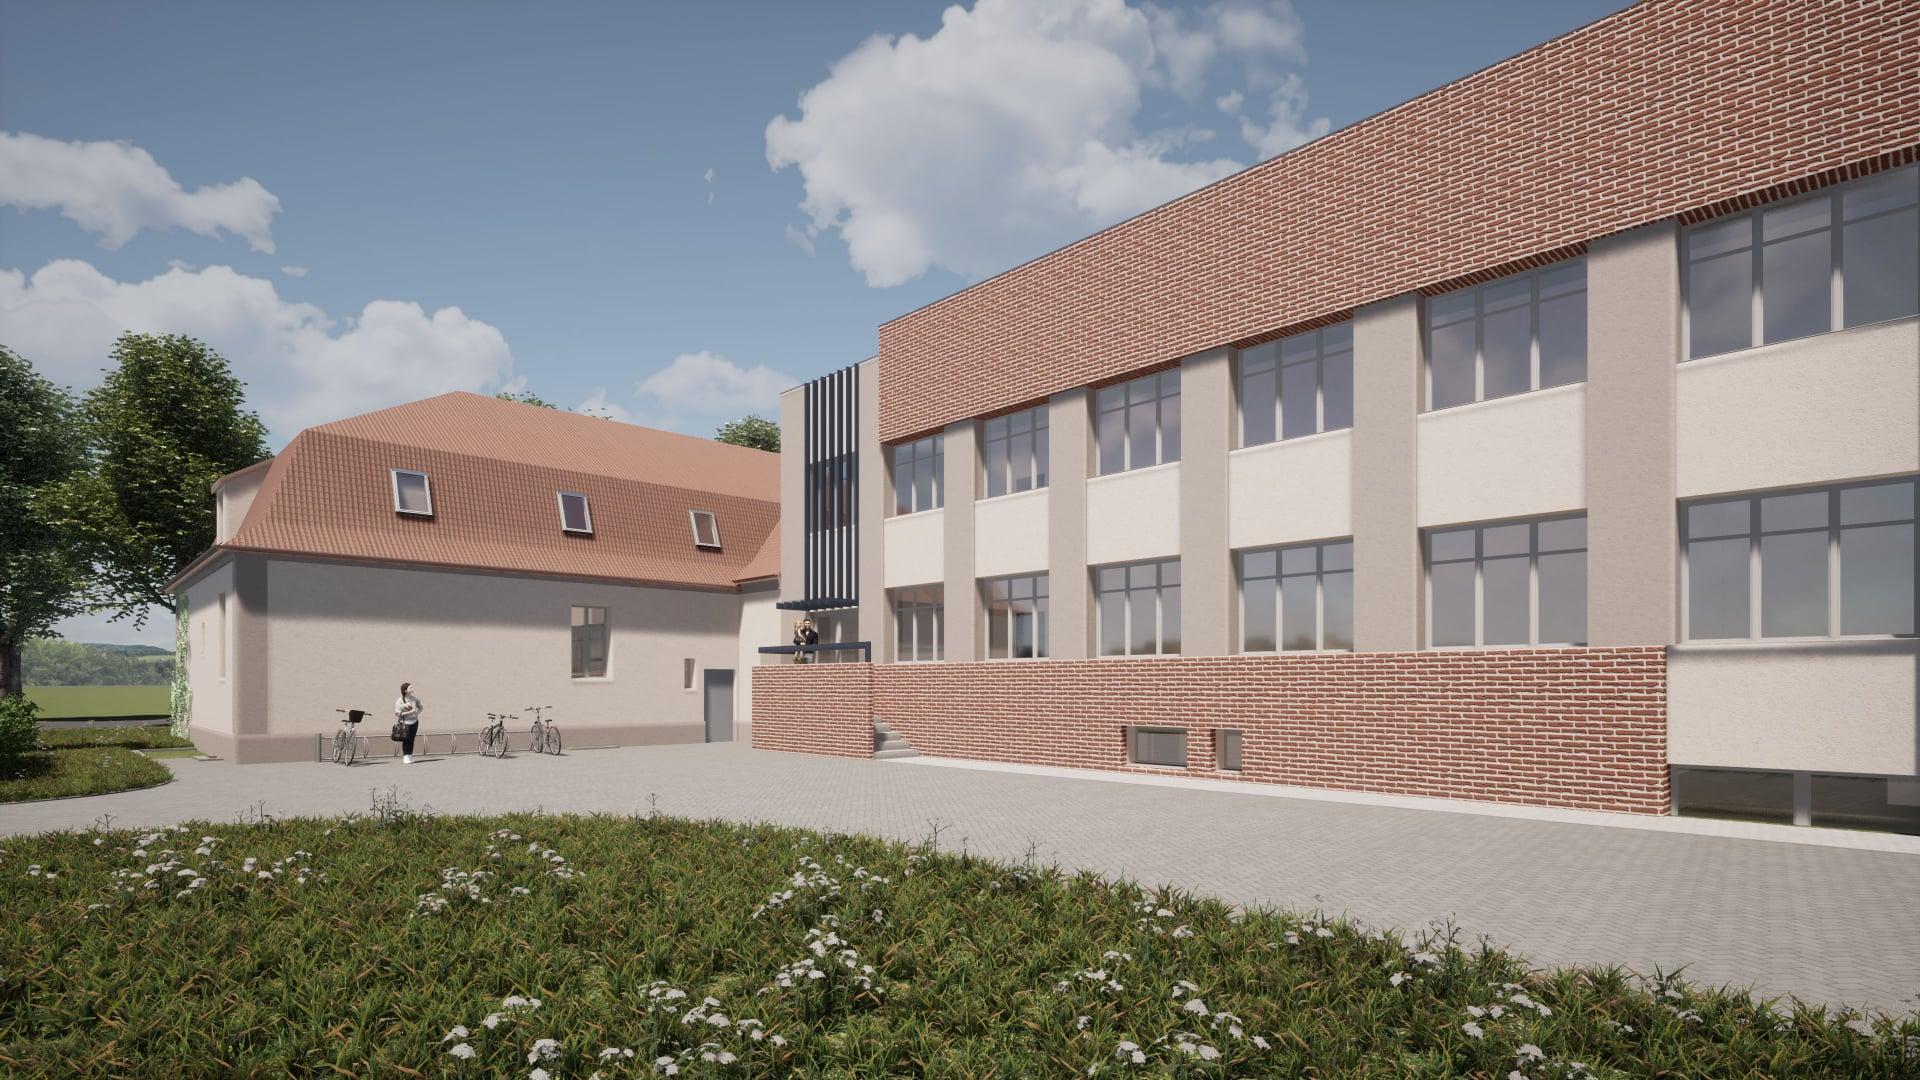 Szkoła w Lenartowicach zostanie przebudowana. Inwestycja pochłonie kilka milionów złotych!  - Zdjęcie główne